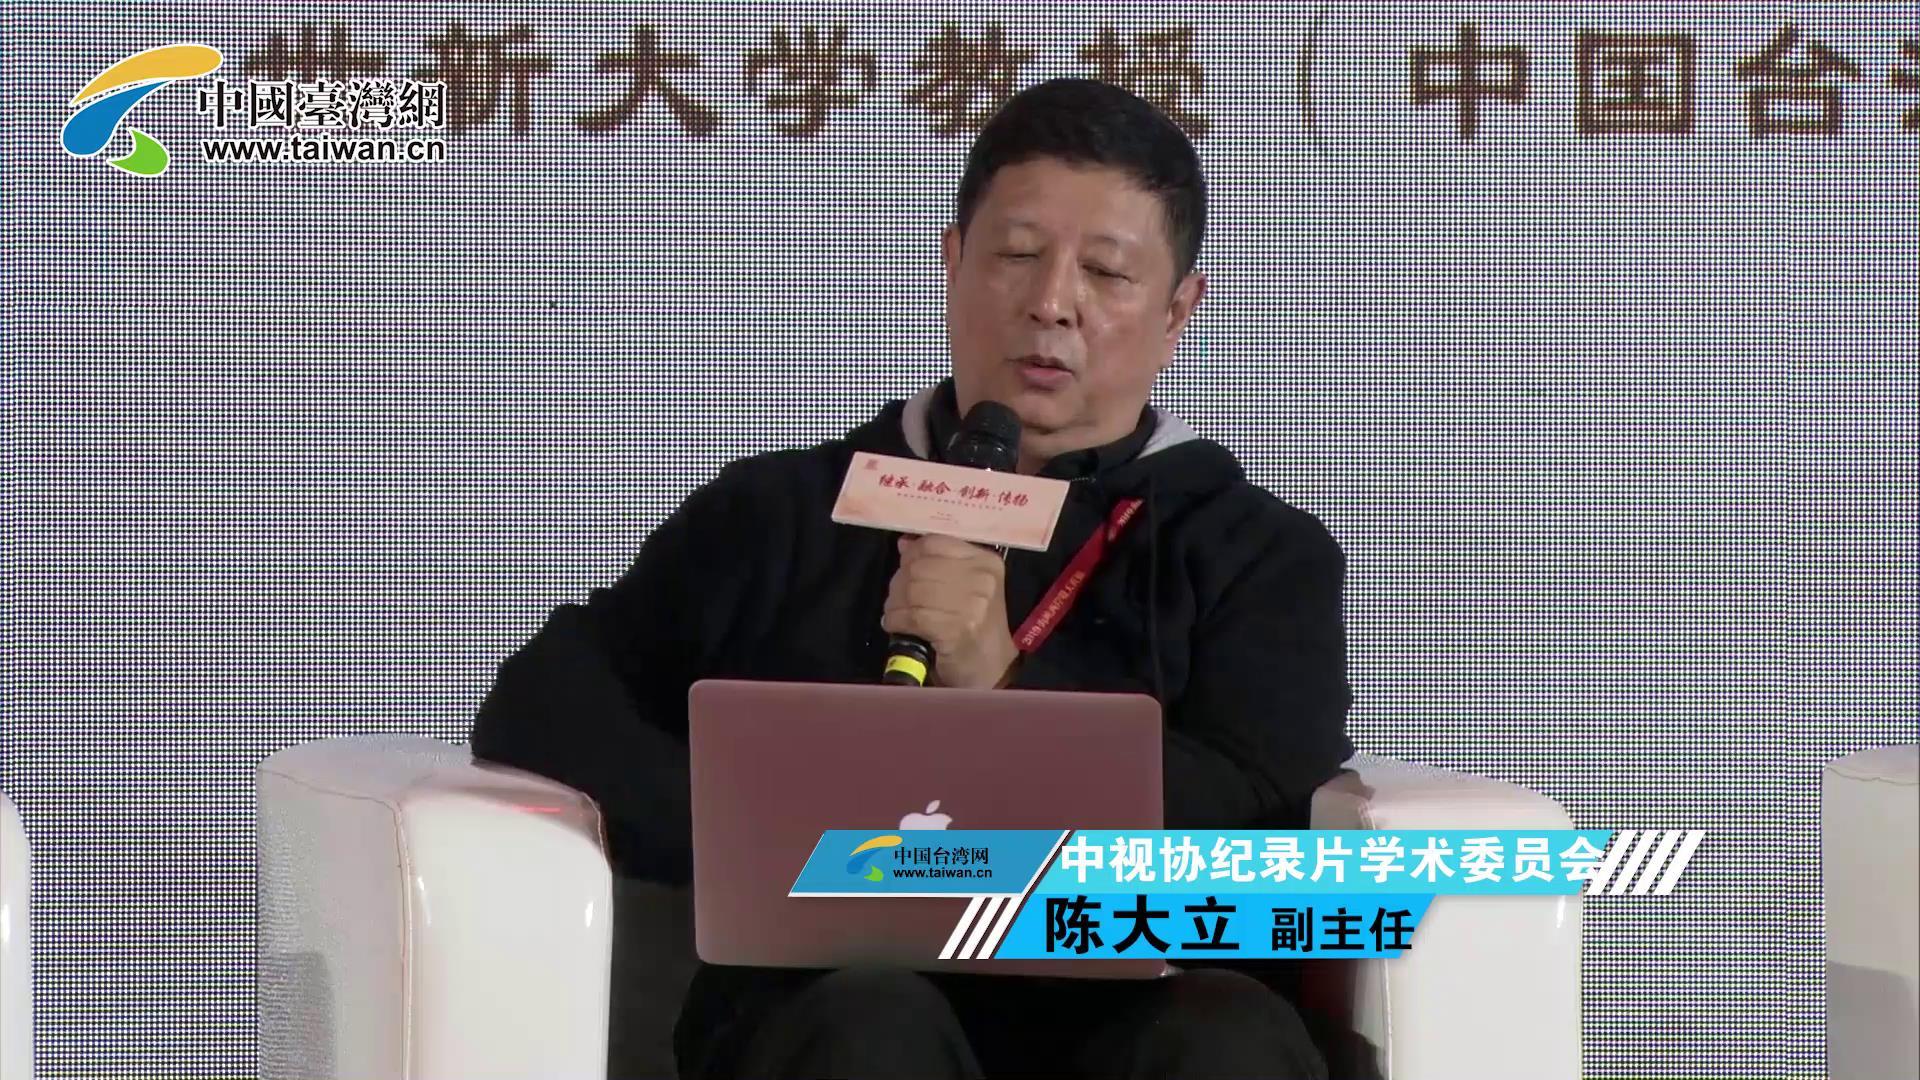 中視協紀錄片學術委員會副主任 陳大立講述對新媒體的看法圖片